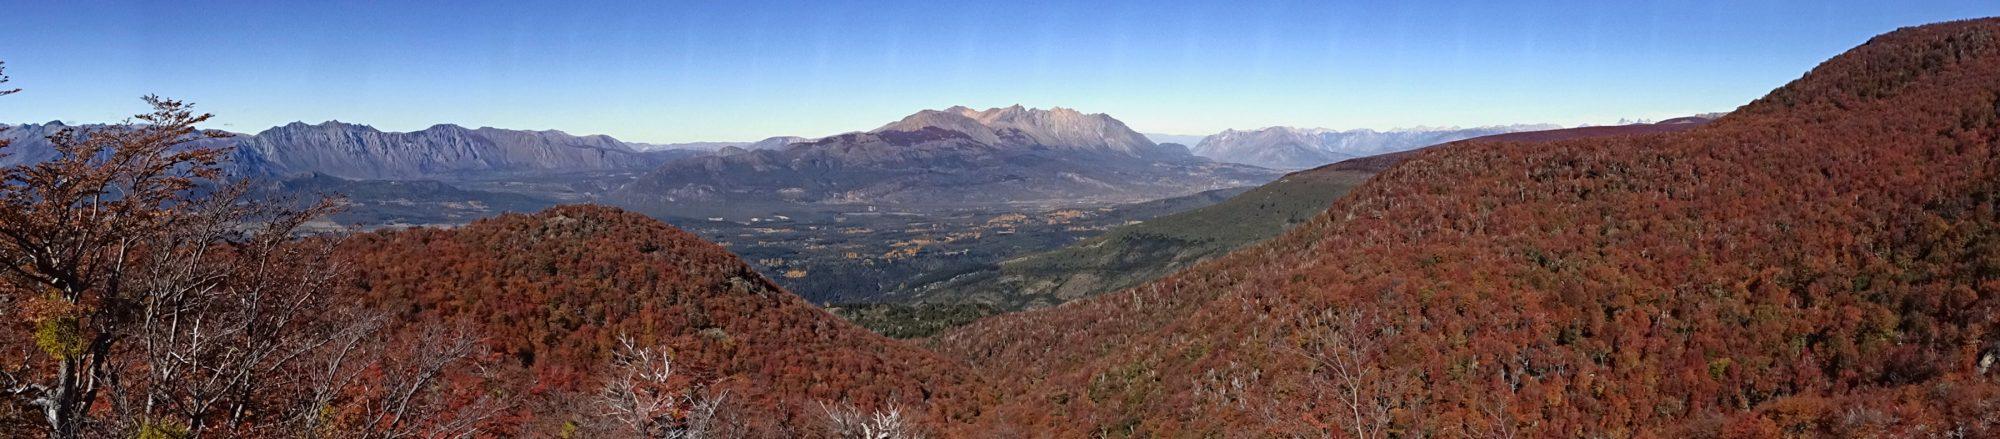 Fjella El Bolson Wanderung Patagonien Warton Dedo Gordo Encanto Blanco Wanderroute Wandern Herbstfarben